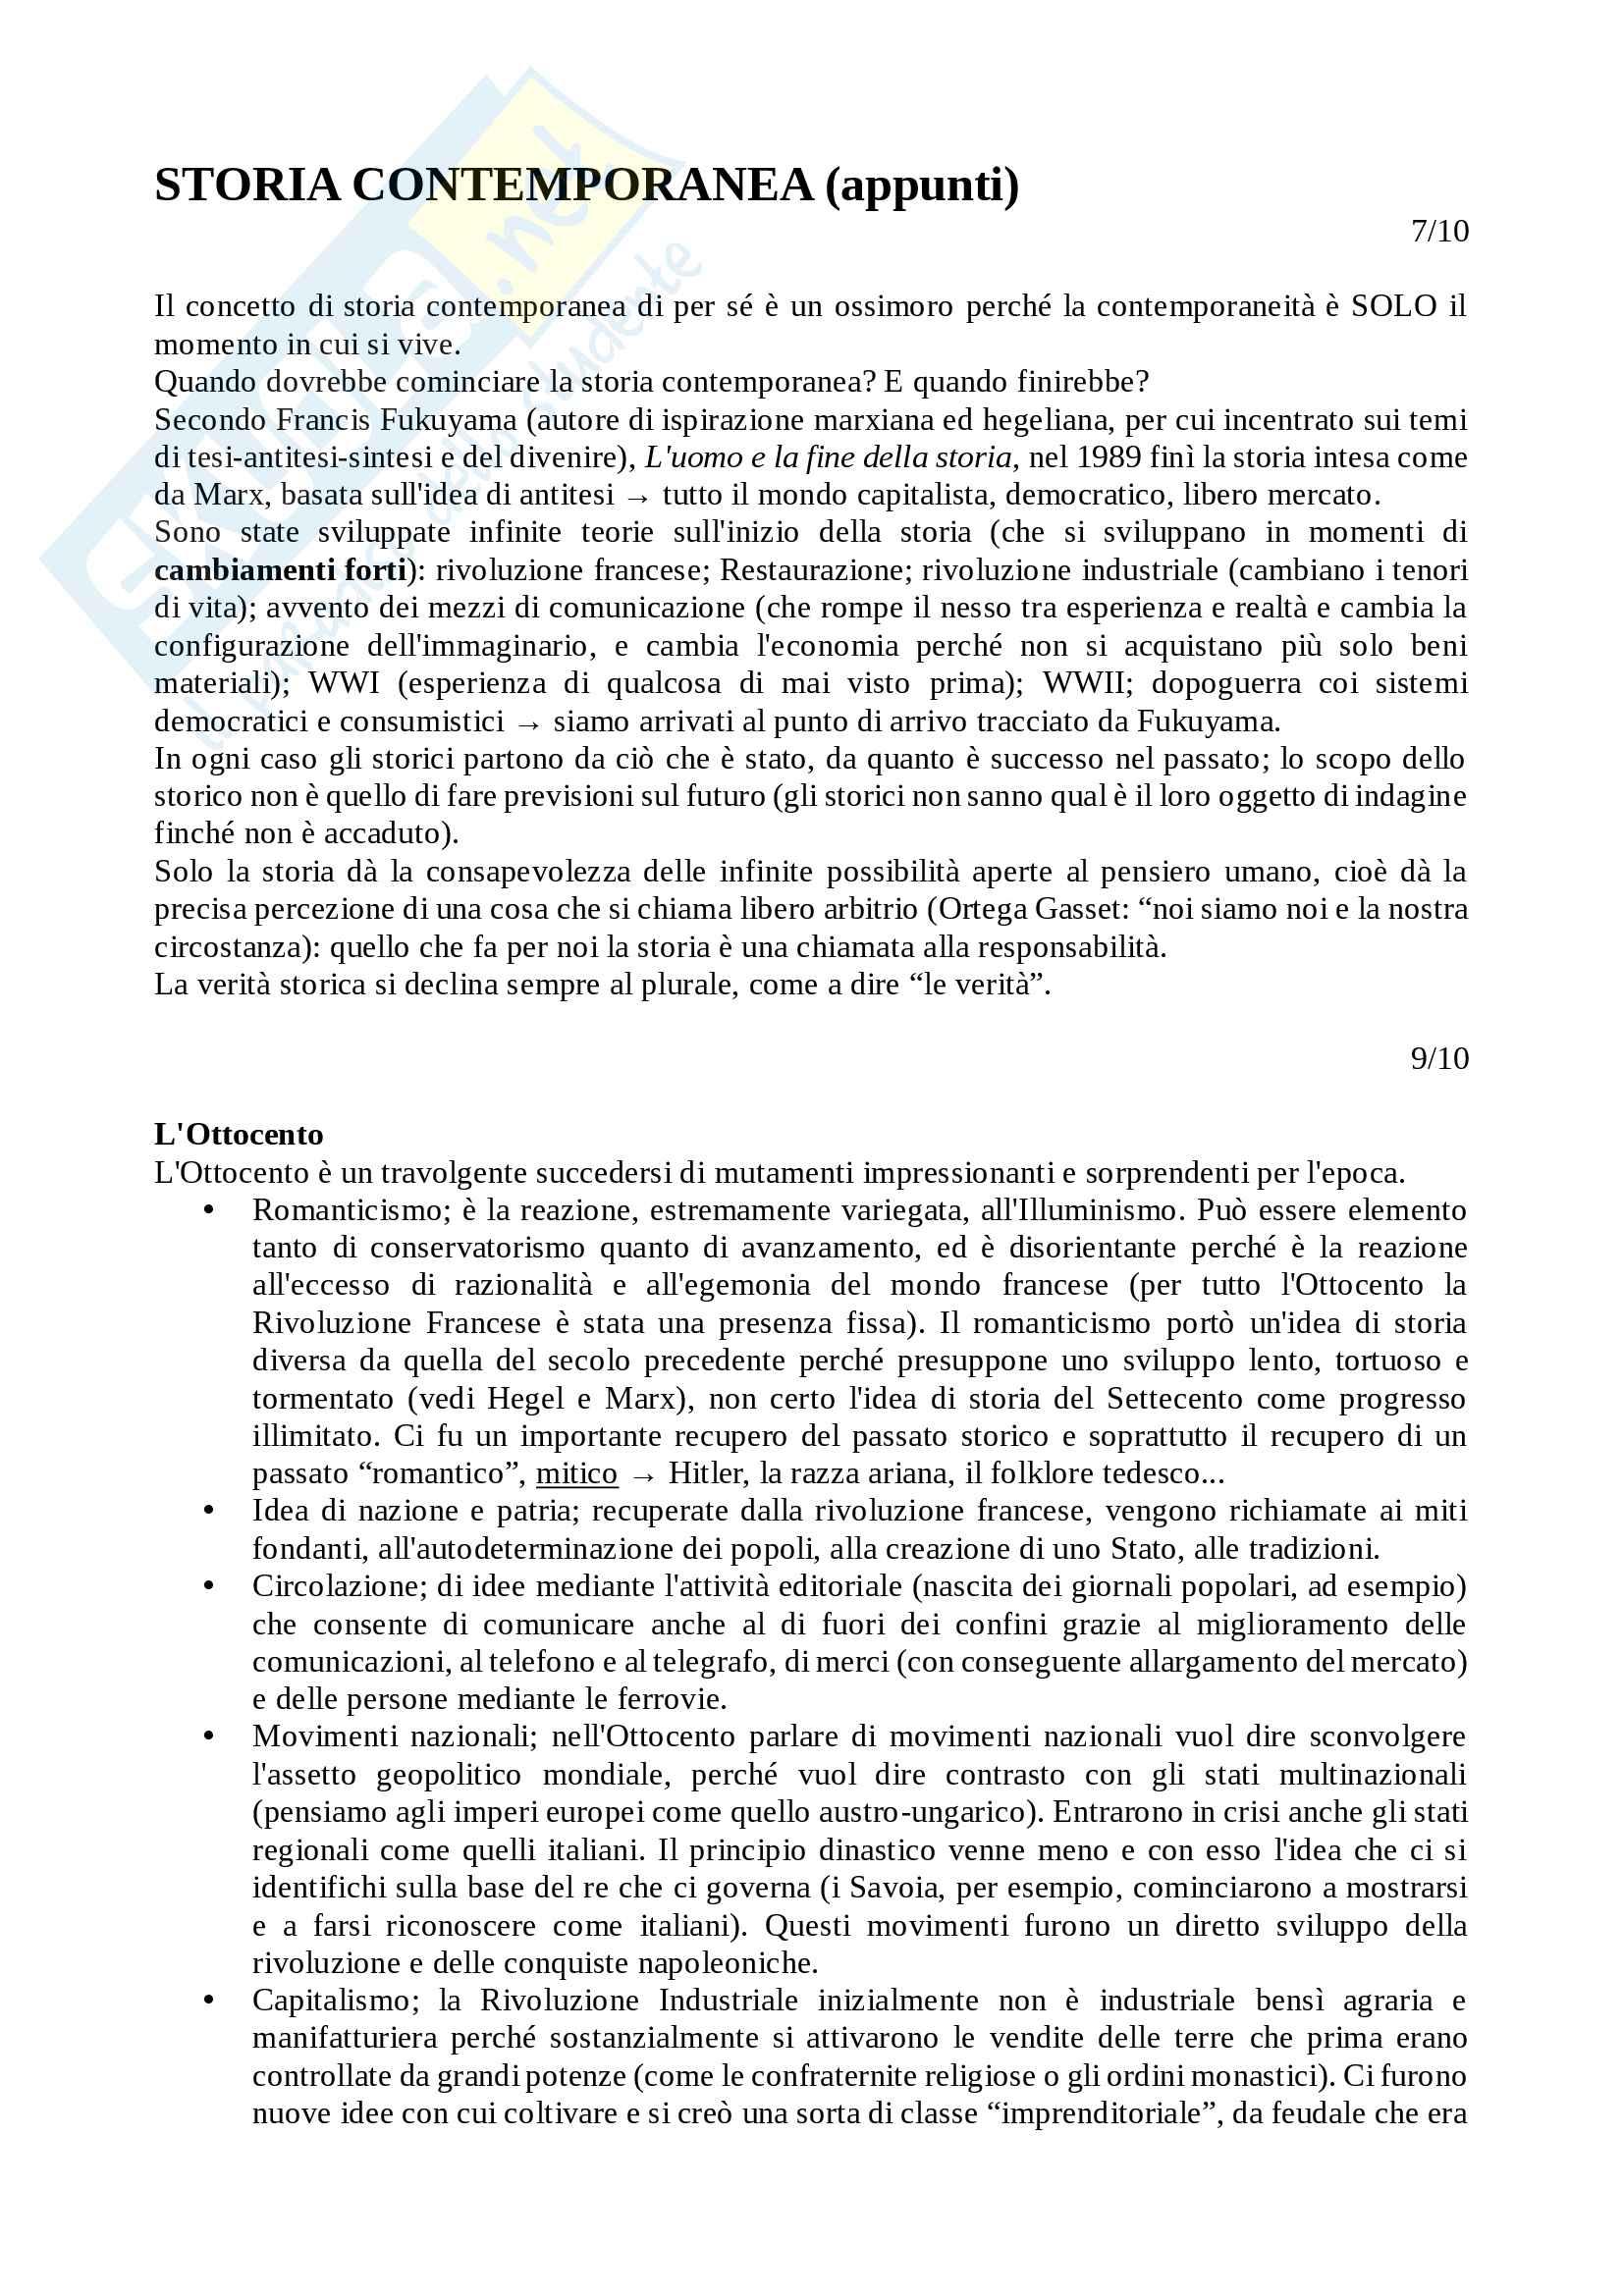 Storia Contemporanea - appunti prof. Paolo Colombo